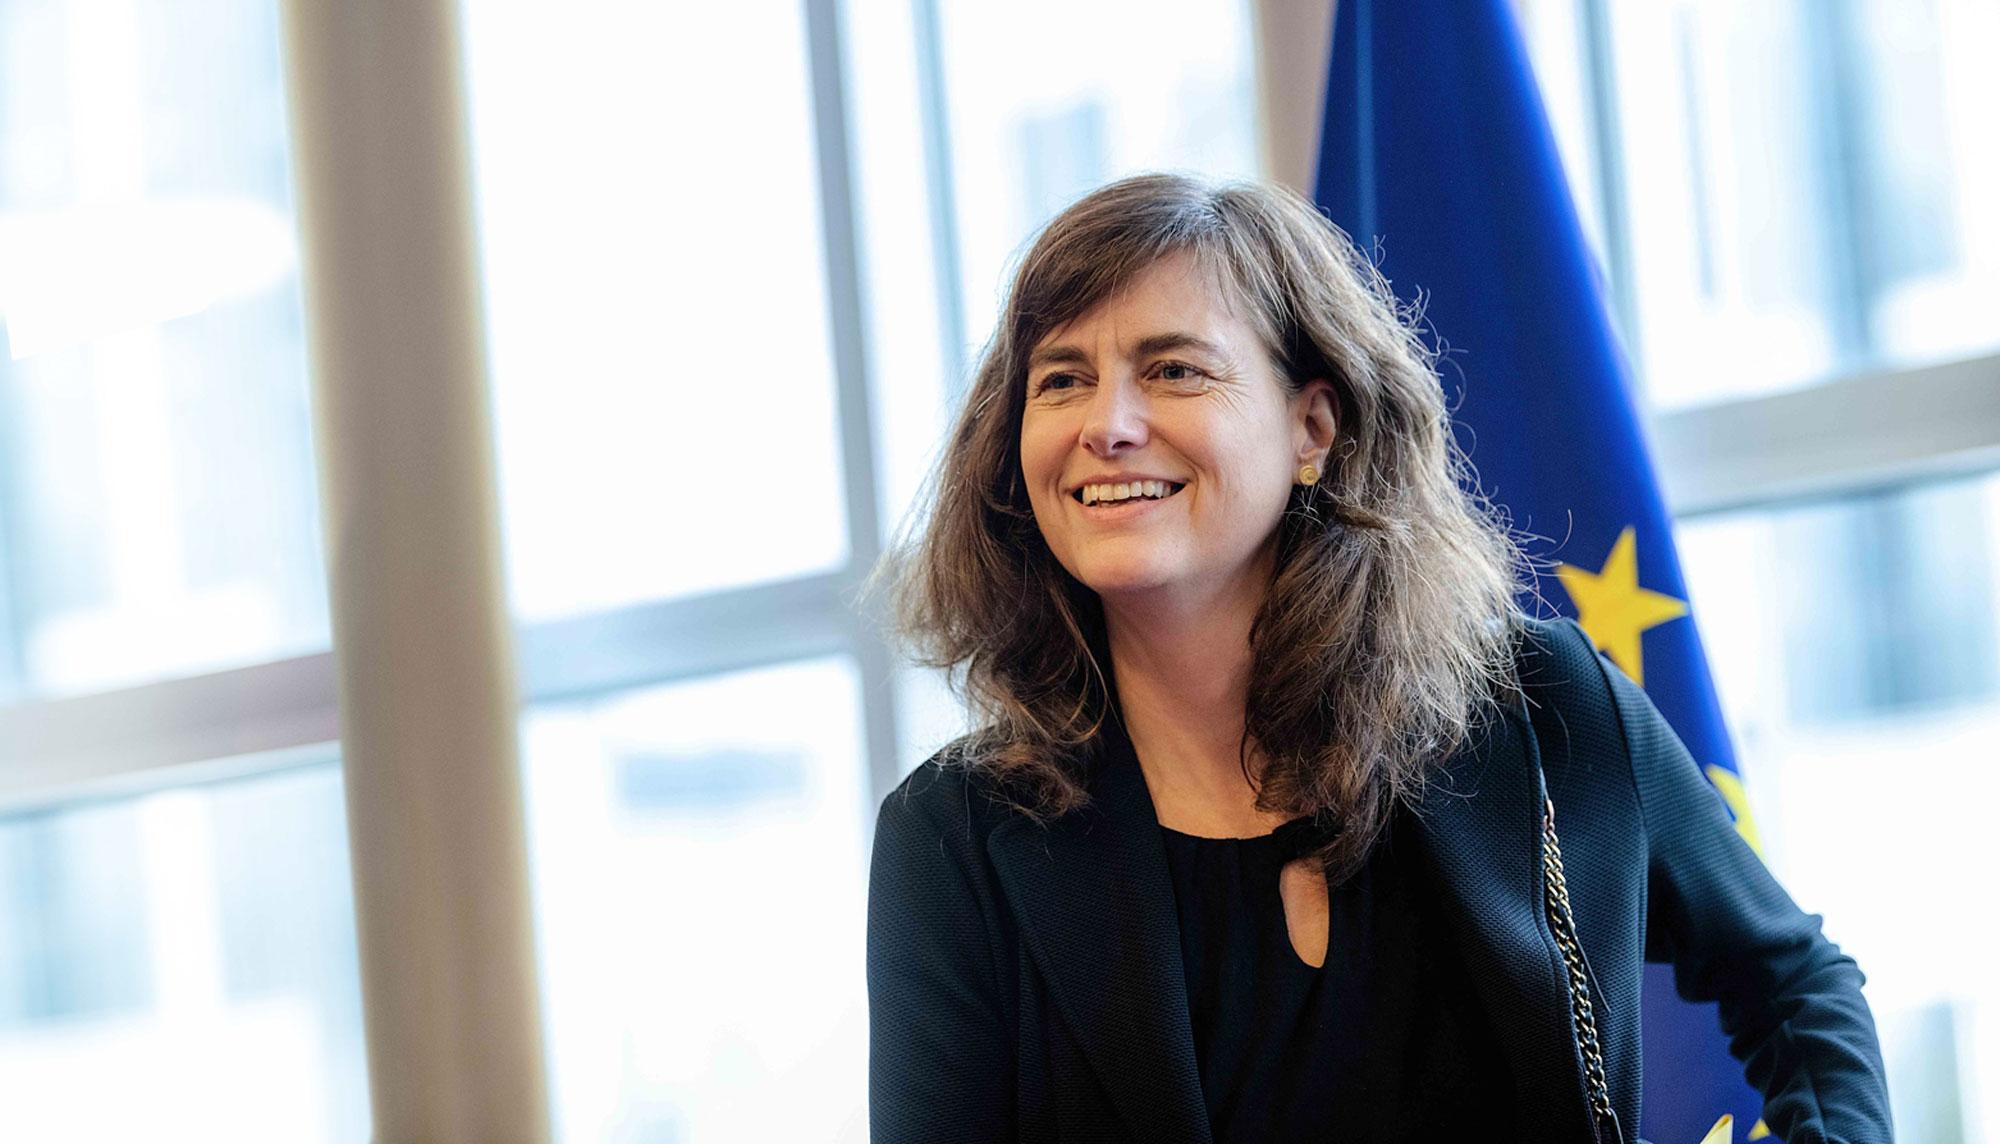 Bild von Alexandra Geese mit Europaflagge